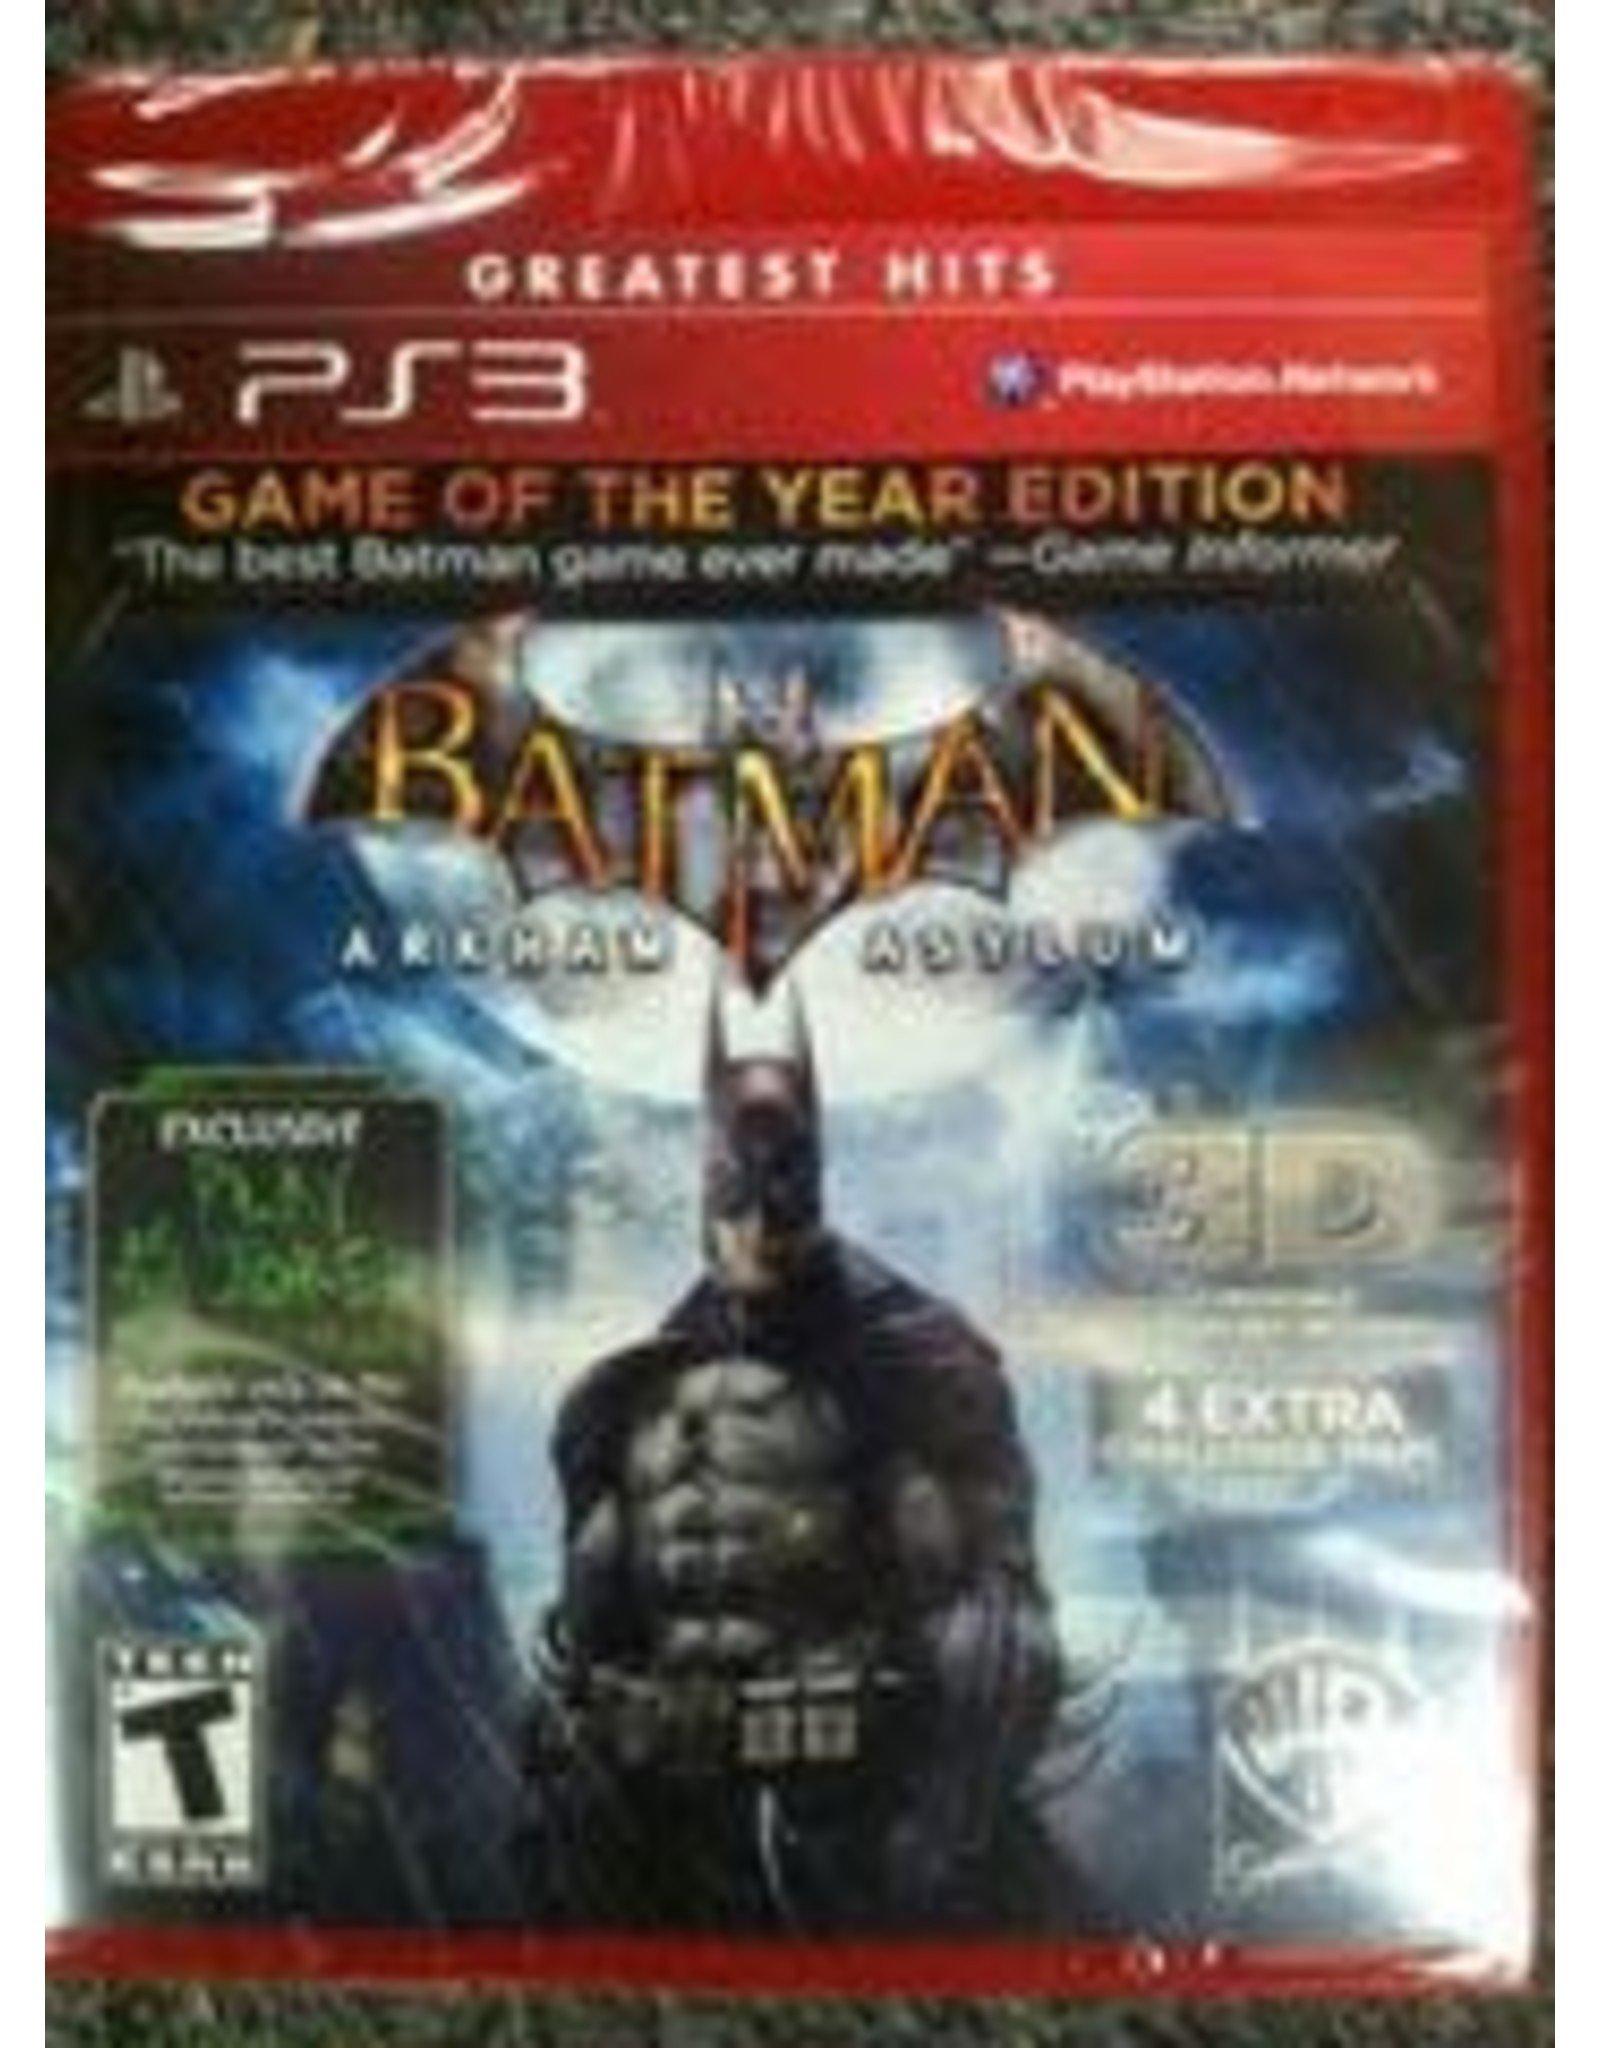 Playstation 3 Batman: Arkham Asylum Game of the Year Edition (CiB)